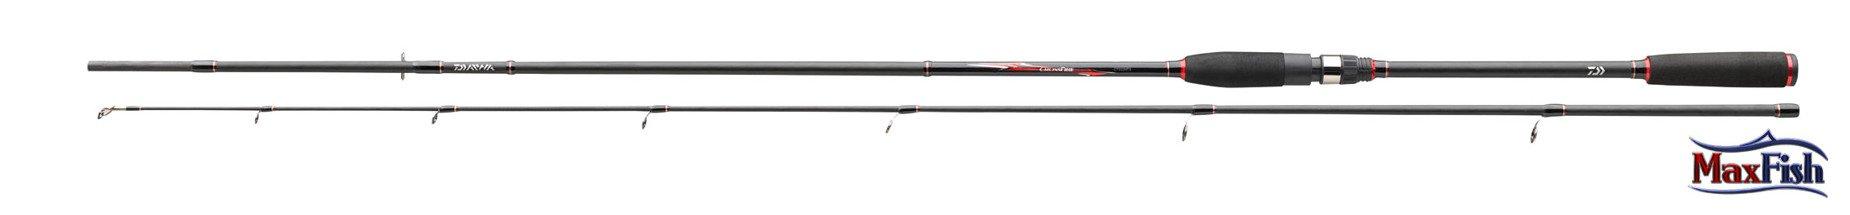 Daiwa Crossfire Spin  270cm 10-30g